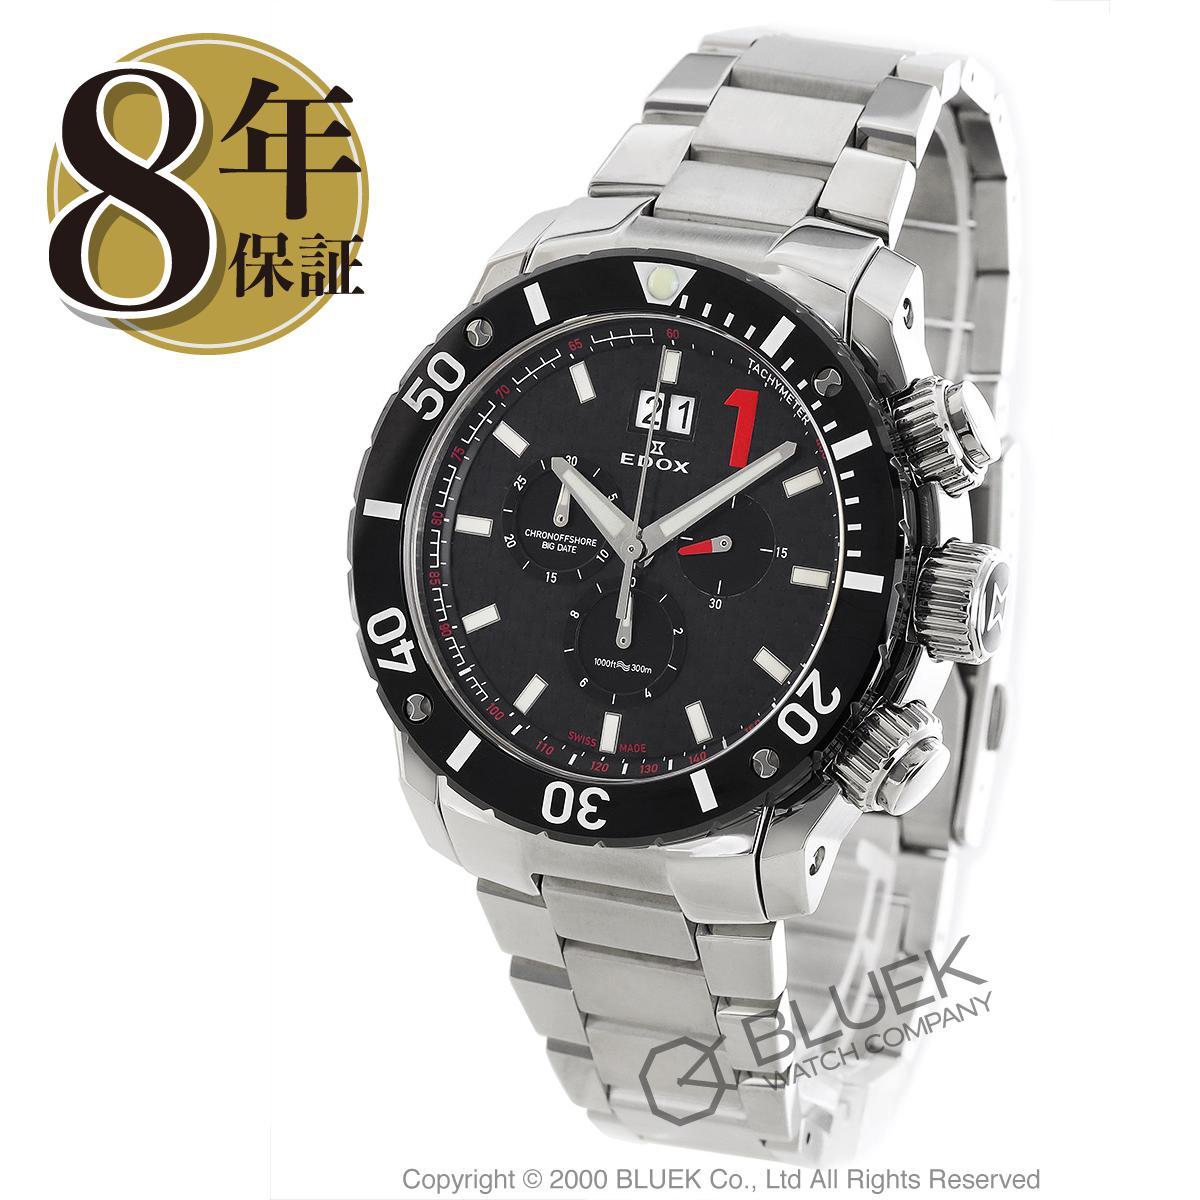 エドックス クロノオフショア1 クロノグラフ 300m防水 腕時計 メンズ EDOX 10021-3-NIN_8